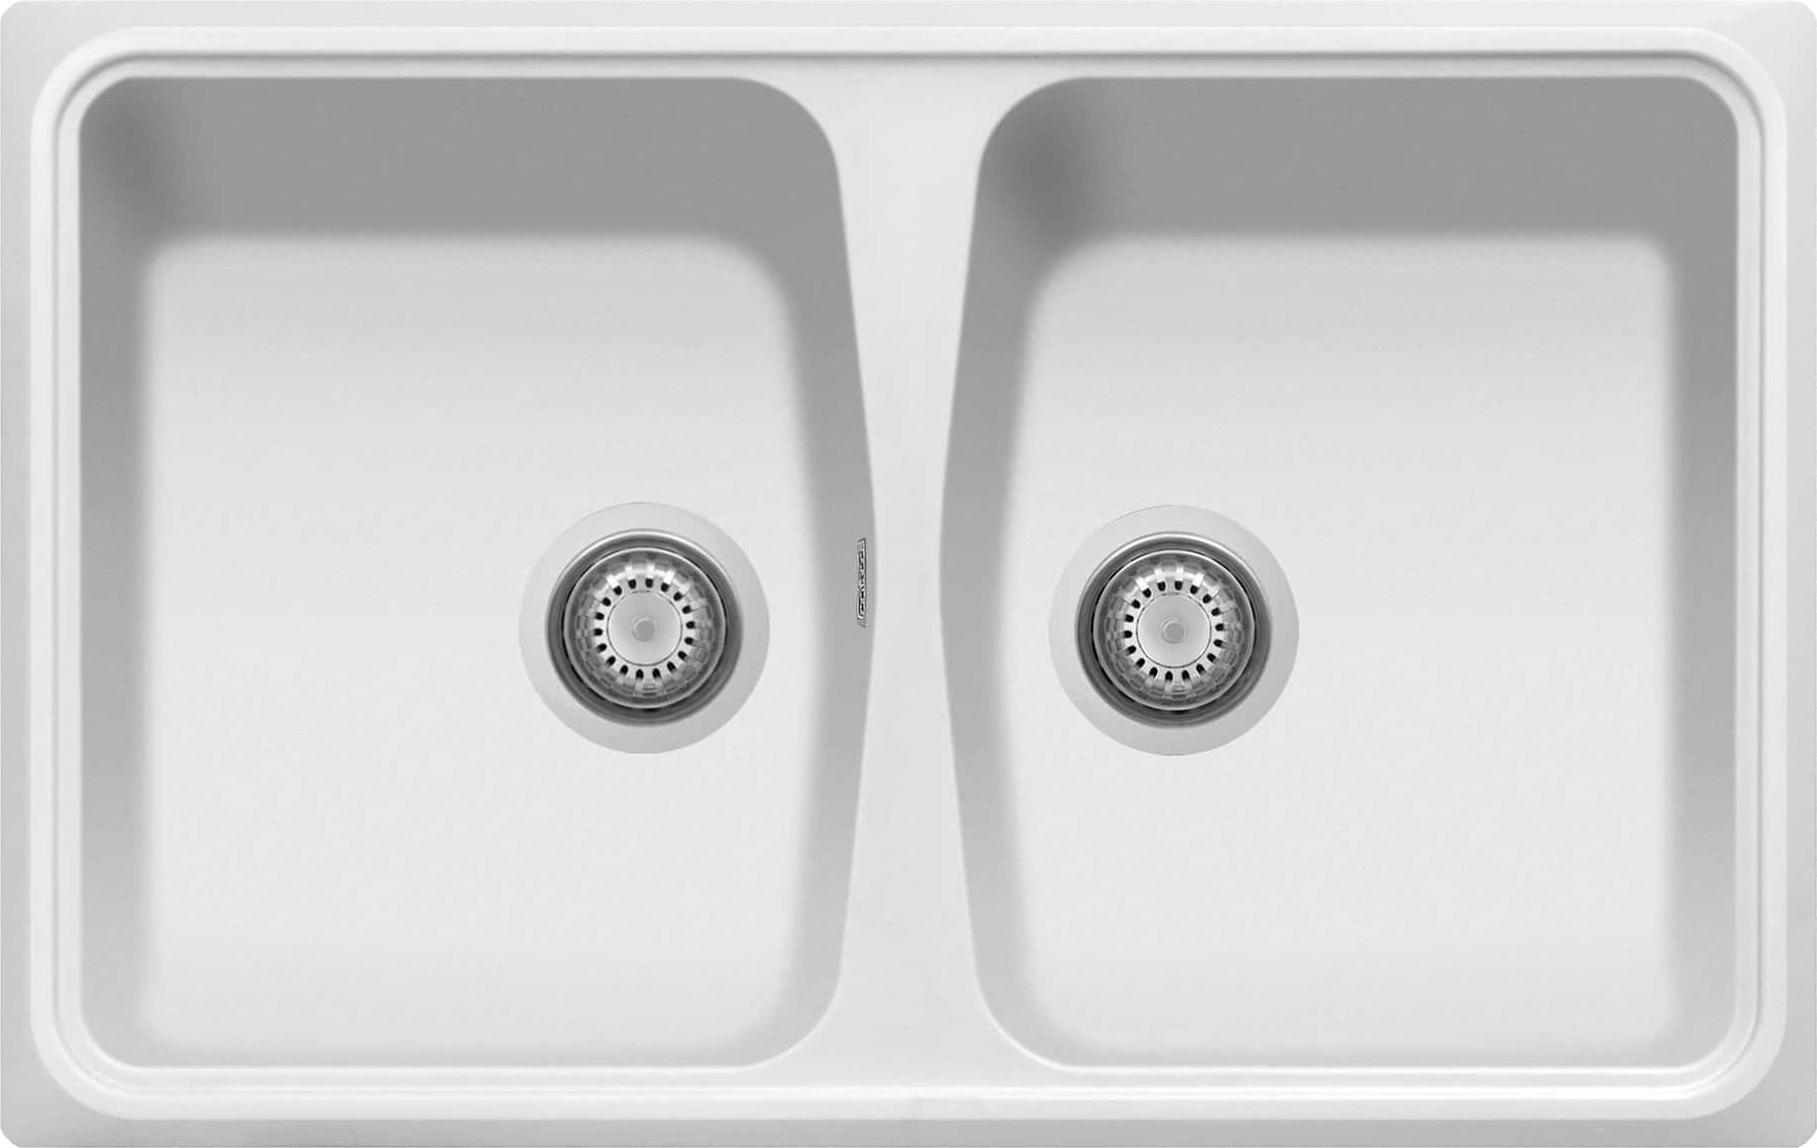 Lavello Fragranite Cucina Incasso 2 Vasche Larghezza 79 cm materiale  Ultraquartz colore Bianco UQ01 - Serie Spazio SP0792